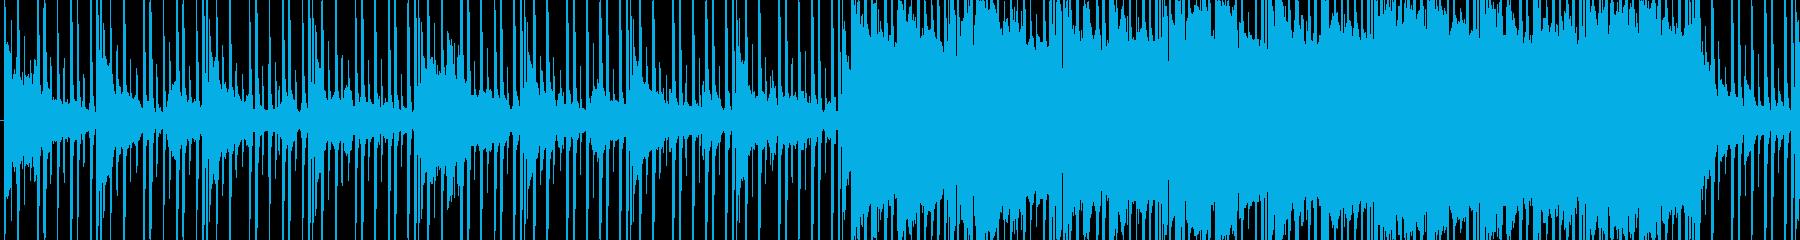 クールで綺麗な物悲しいBGM_LOOPの再生済みの波形